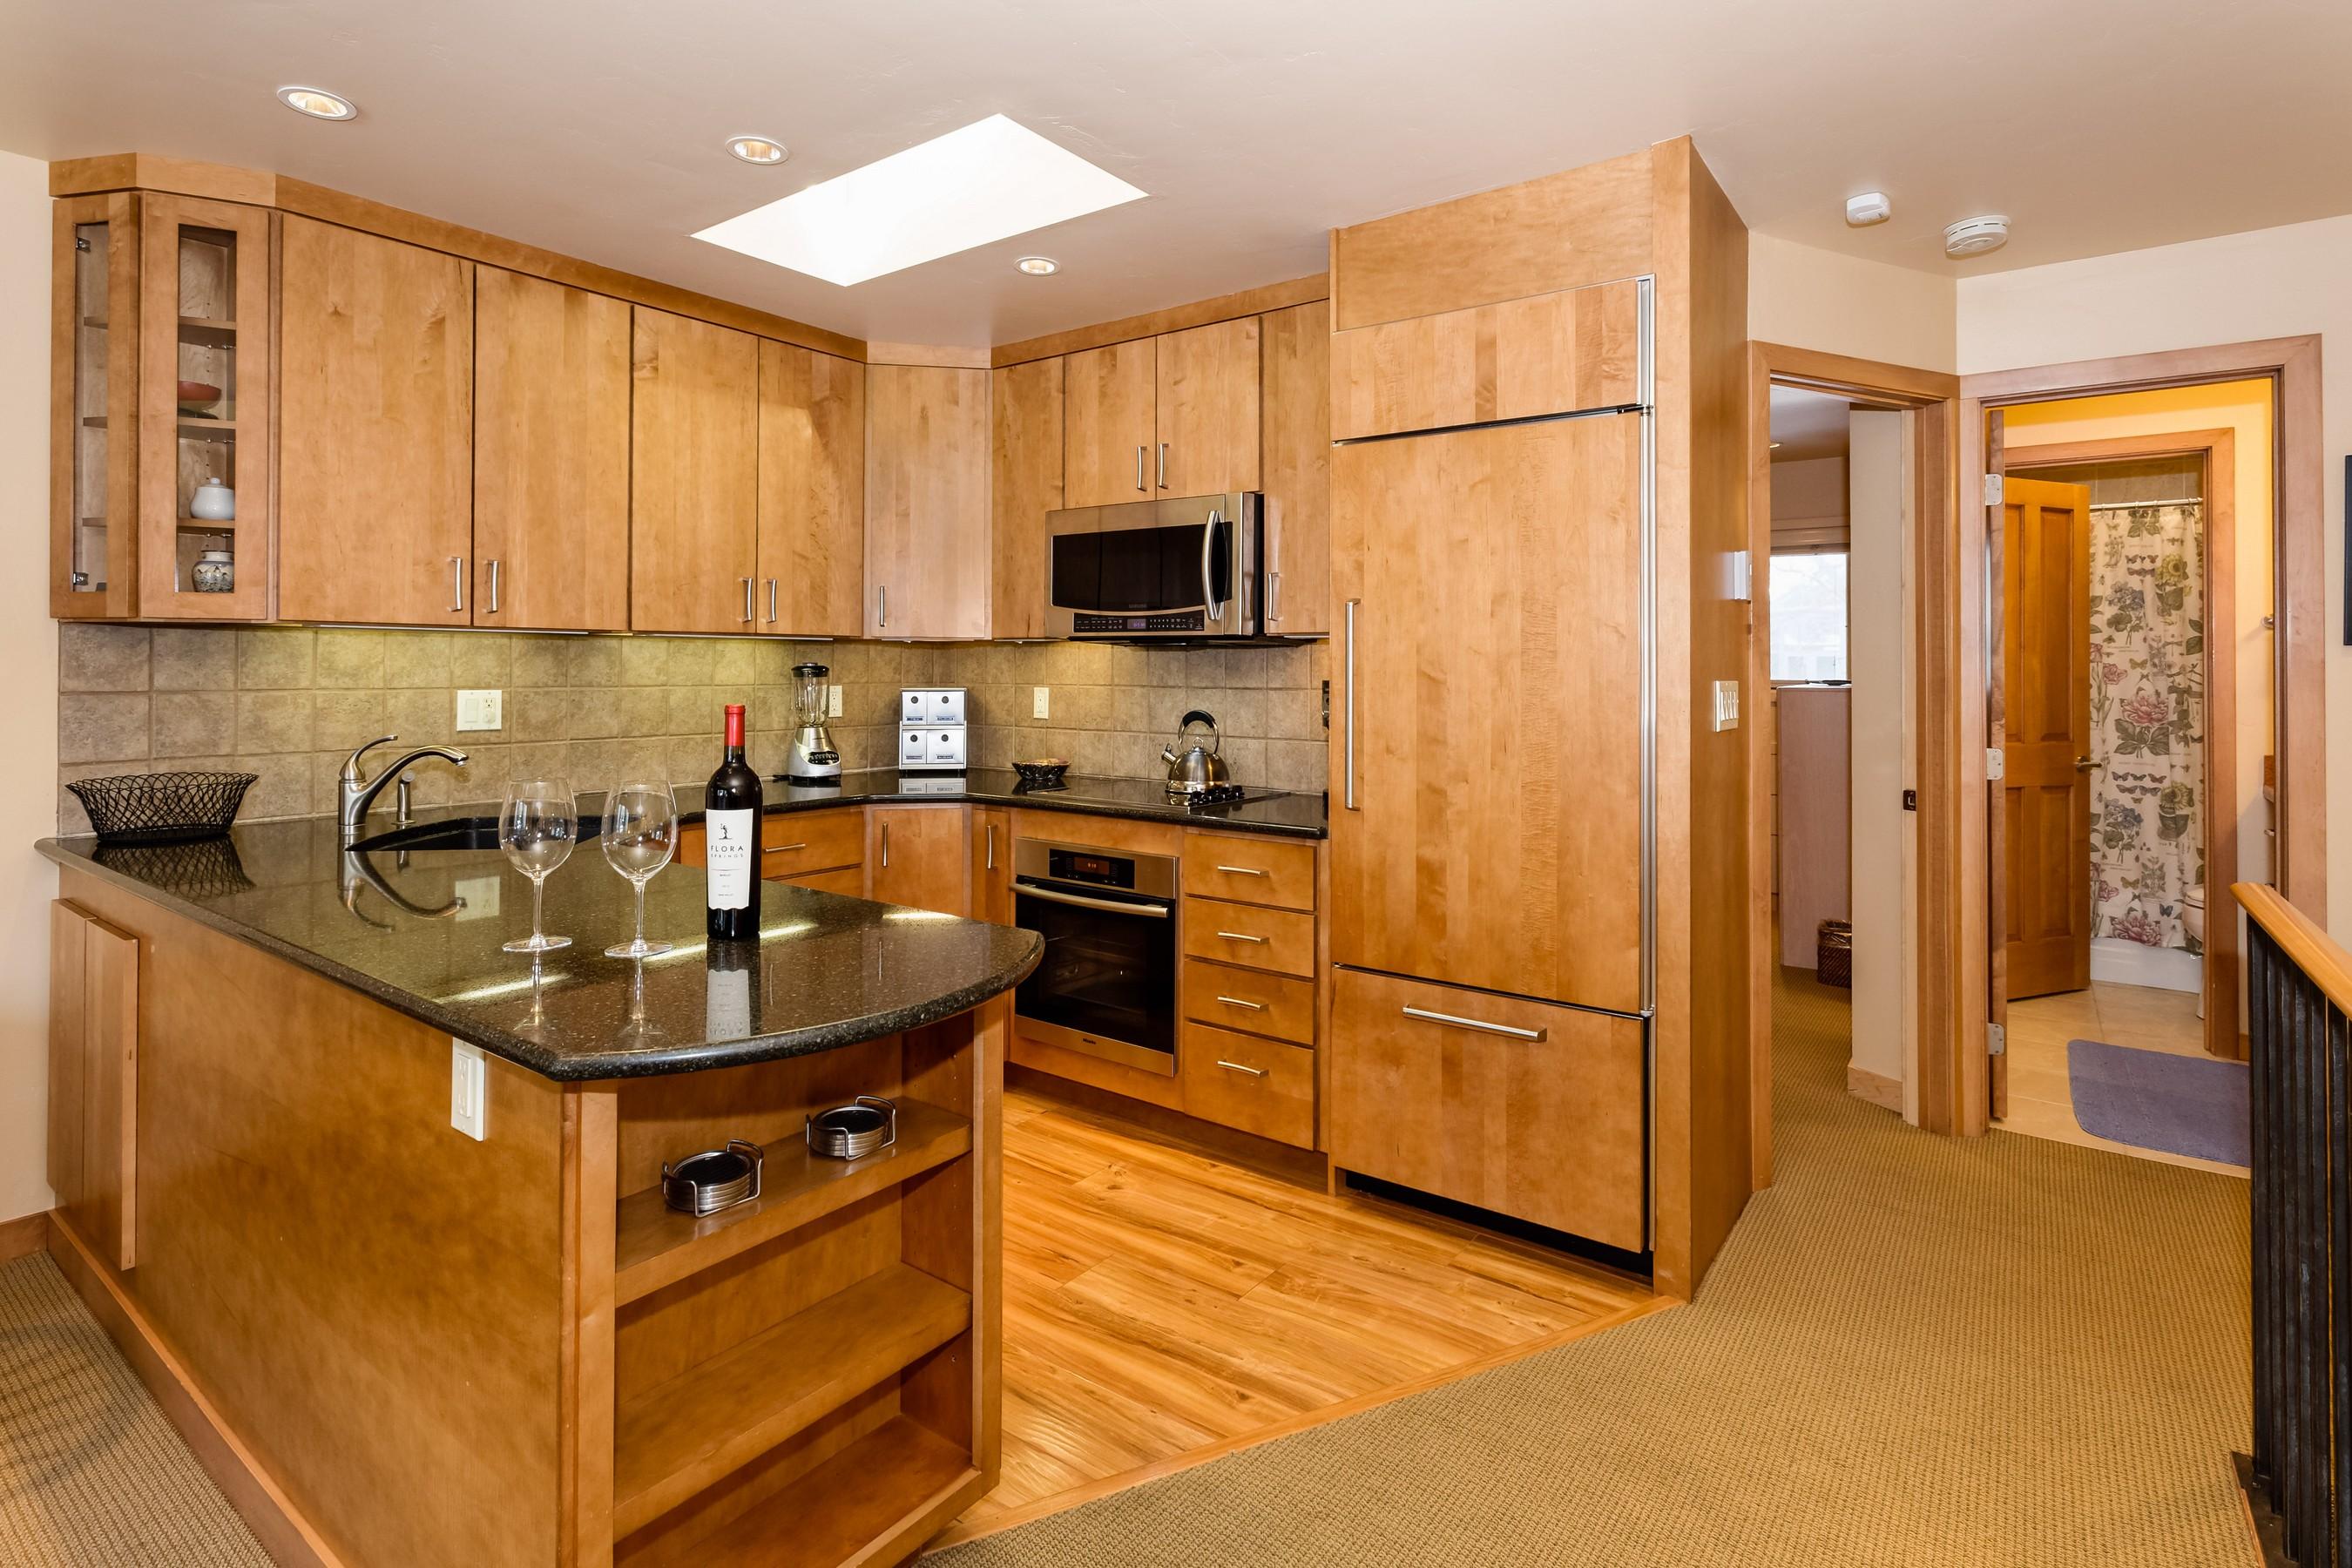 Condomínio para Venda às Lamont 835 E Durant Ave #3 Central Core, Aspen, Colorado 81611 Estados Unidos